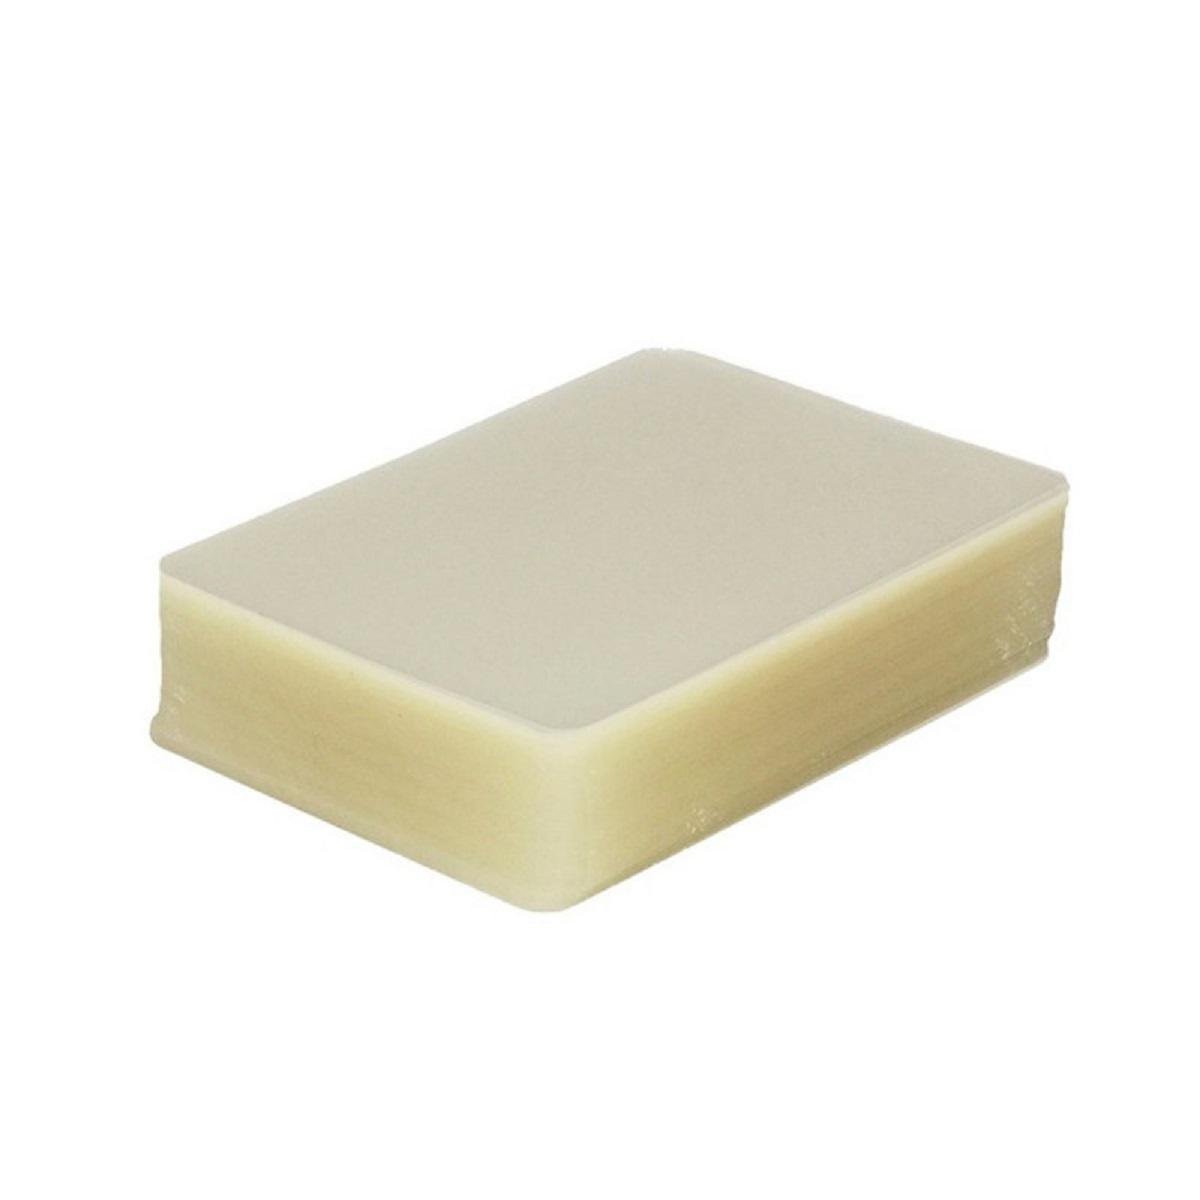 Polaseal para Plastificação Título de Eleitor 73x106x0,07mm (175 micras) - Pacote com 100 unidades  - Click Suprimentos